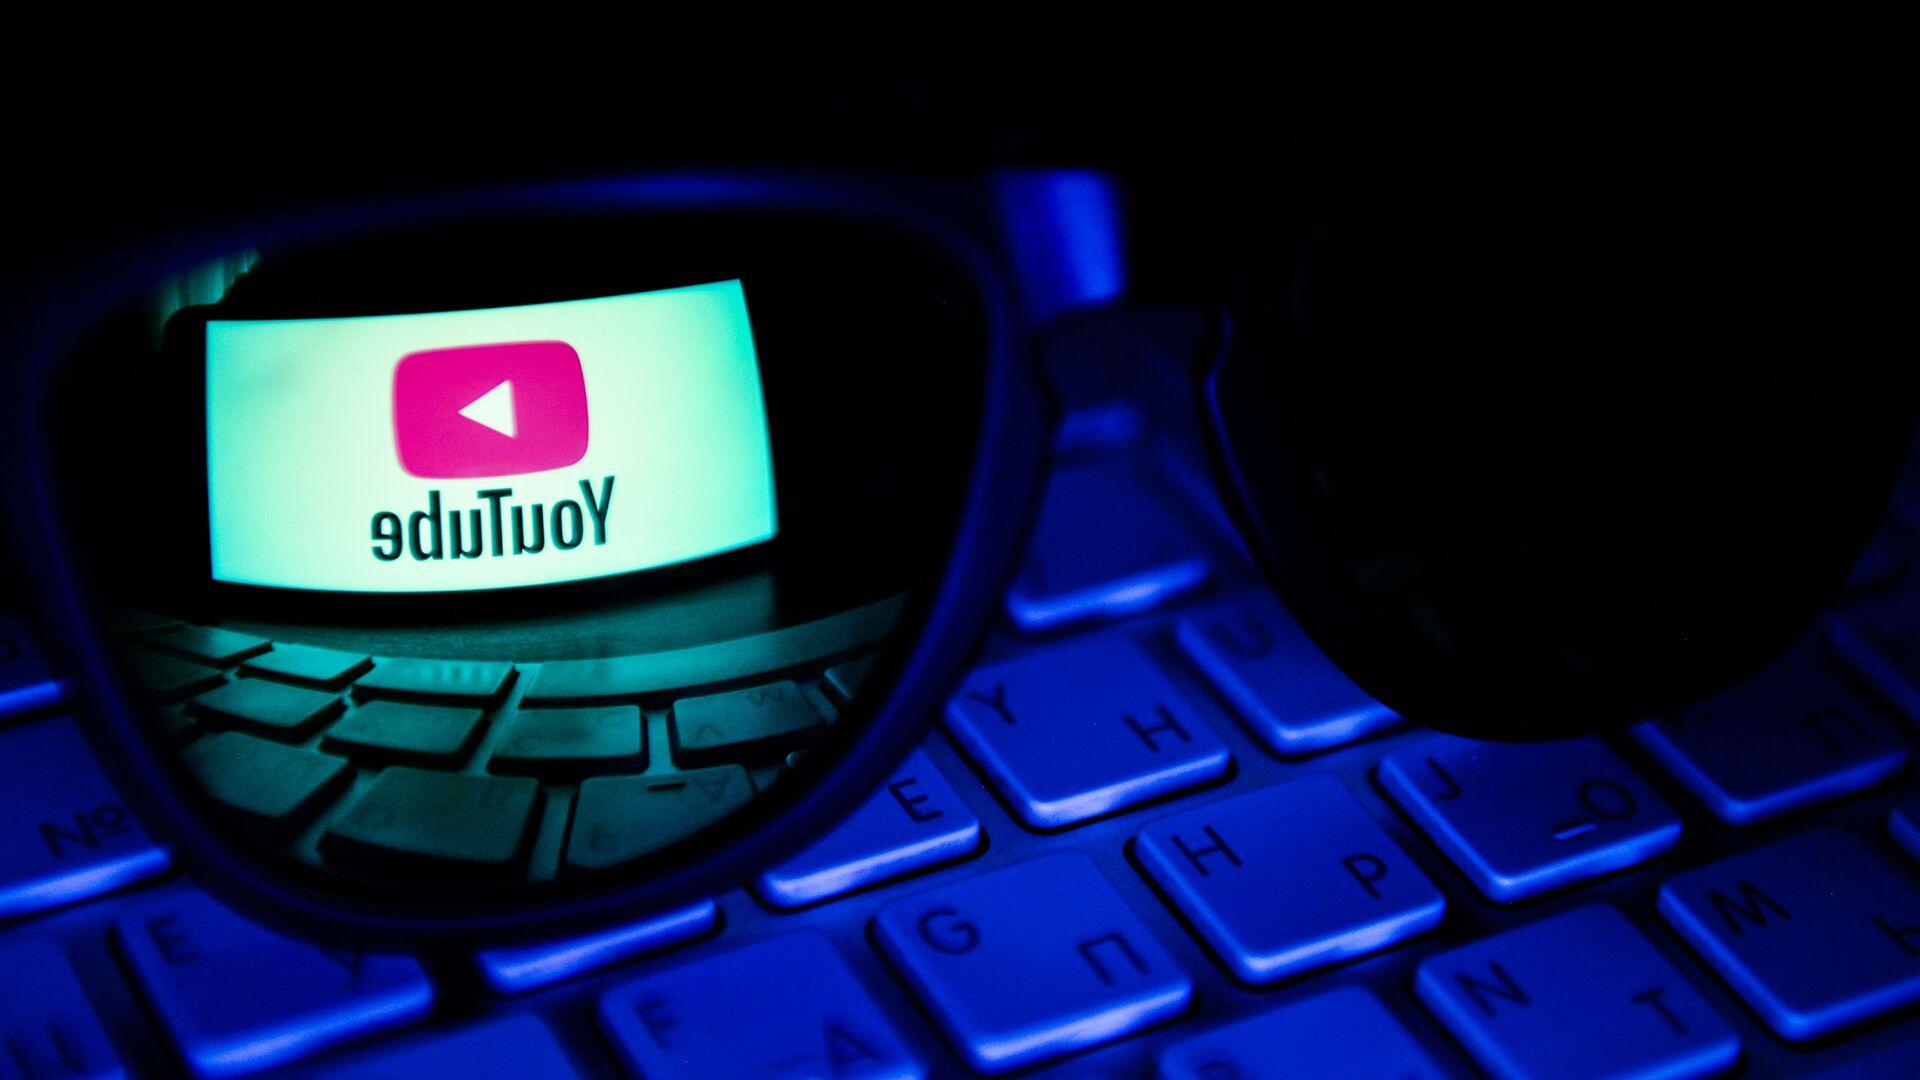 Odbicie w soczewce logo hostingu wideo YouTube - Sputnik Polska, 1920, 18.05.2021